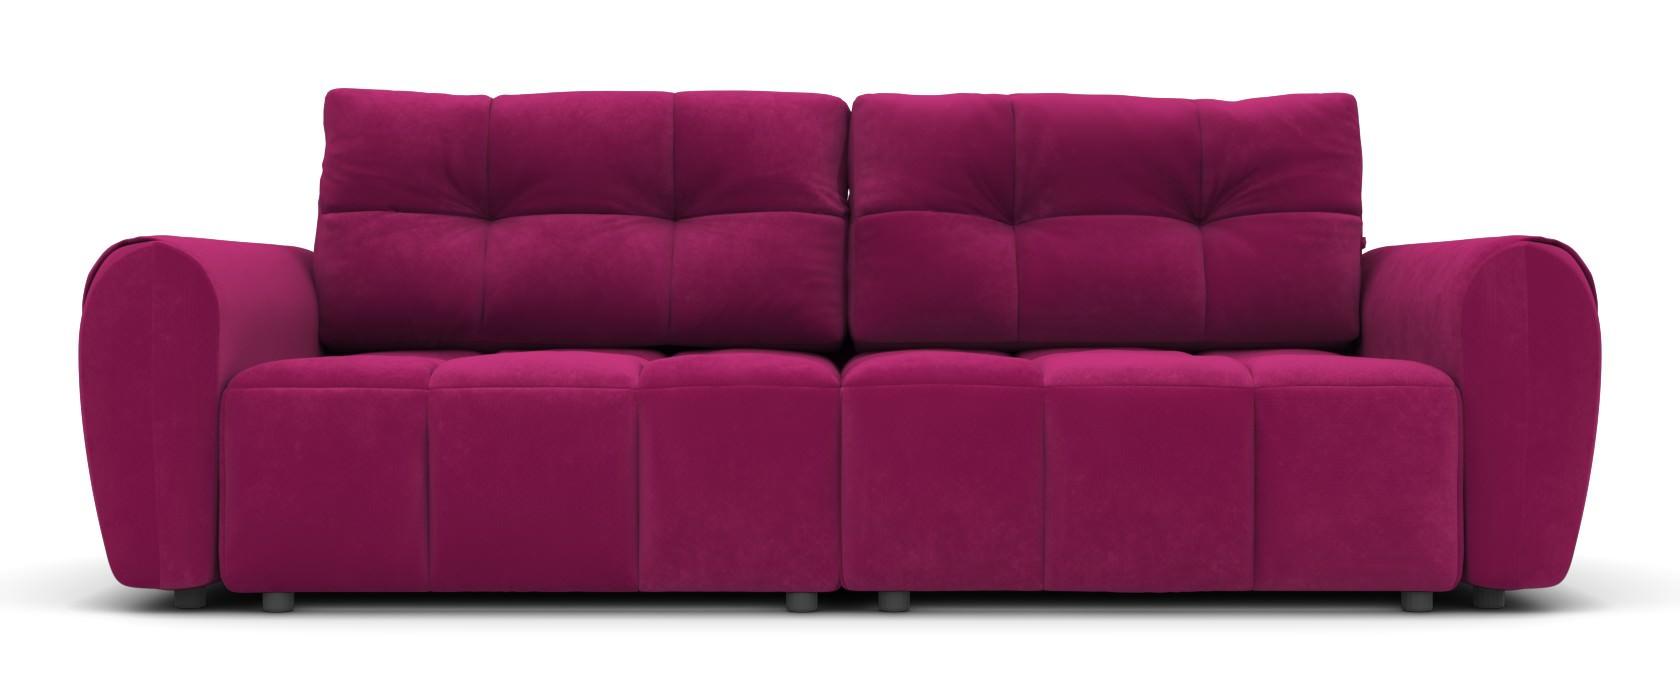 Трехместный диван Bernardo - Pufetto